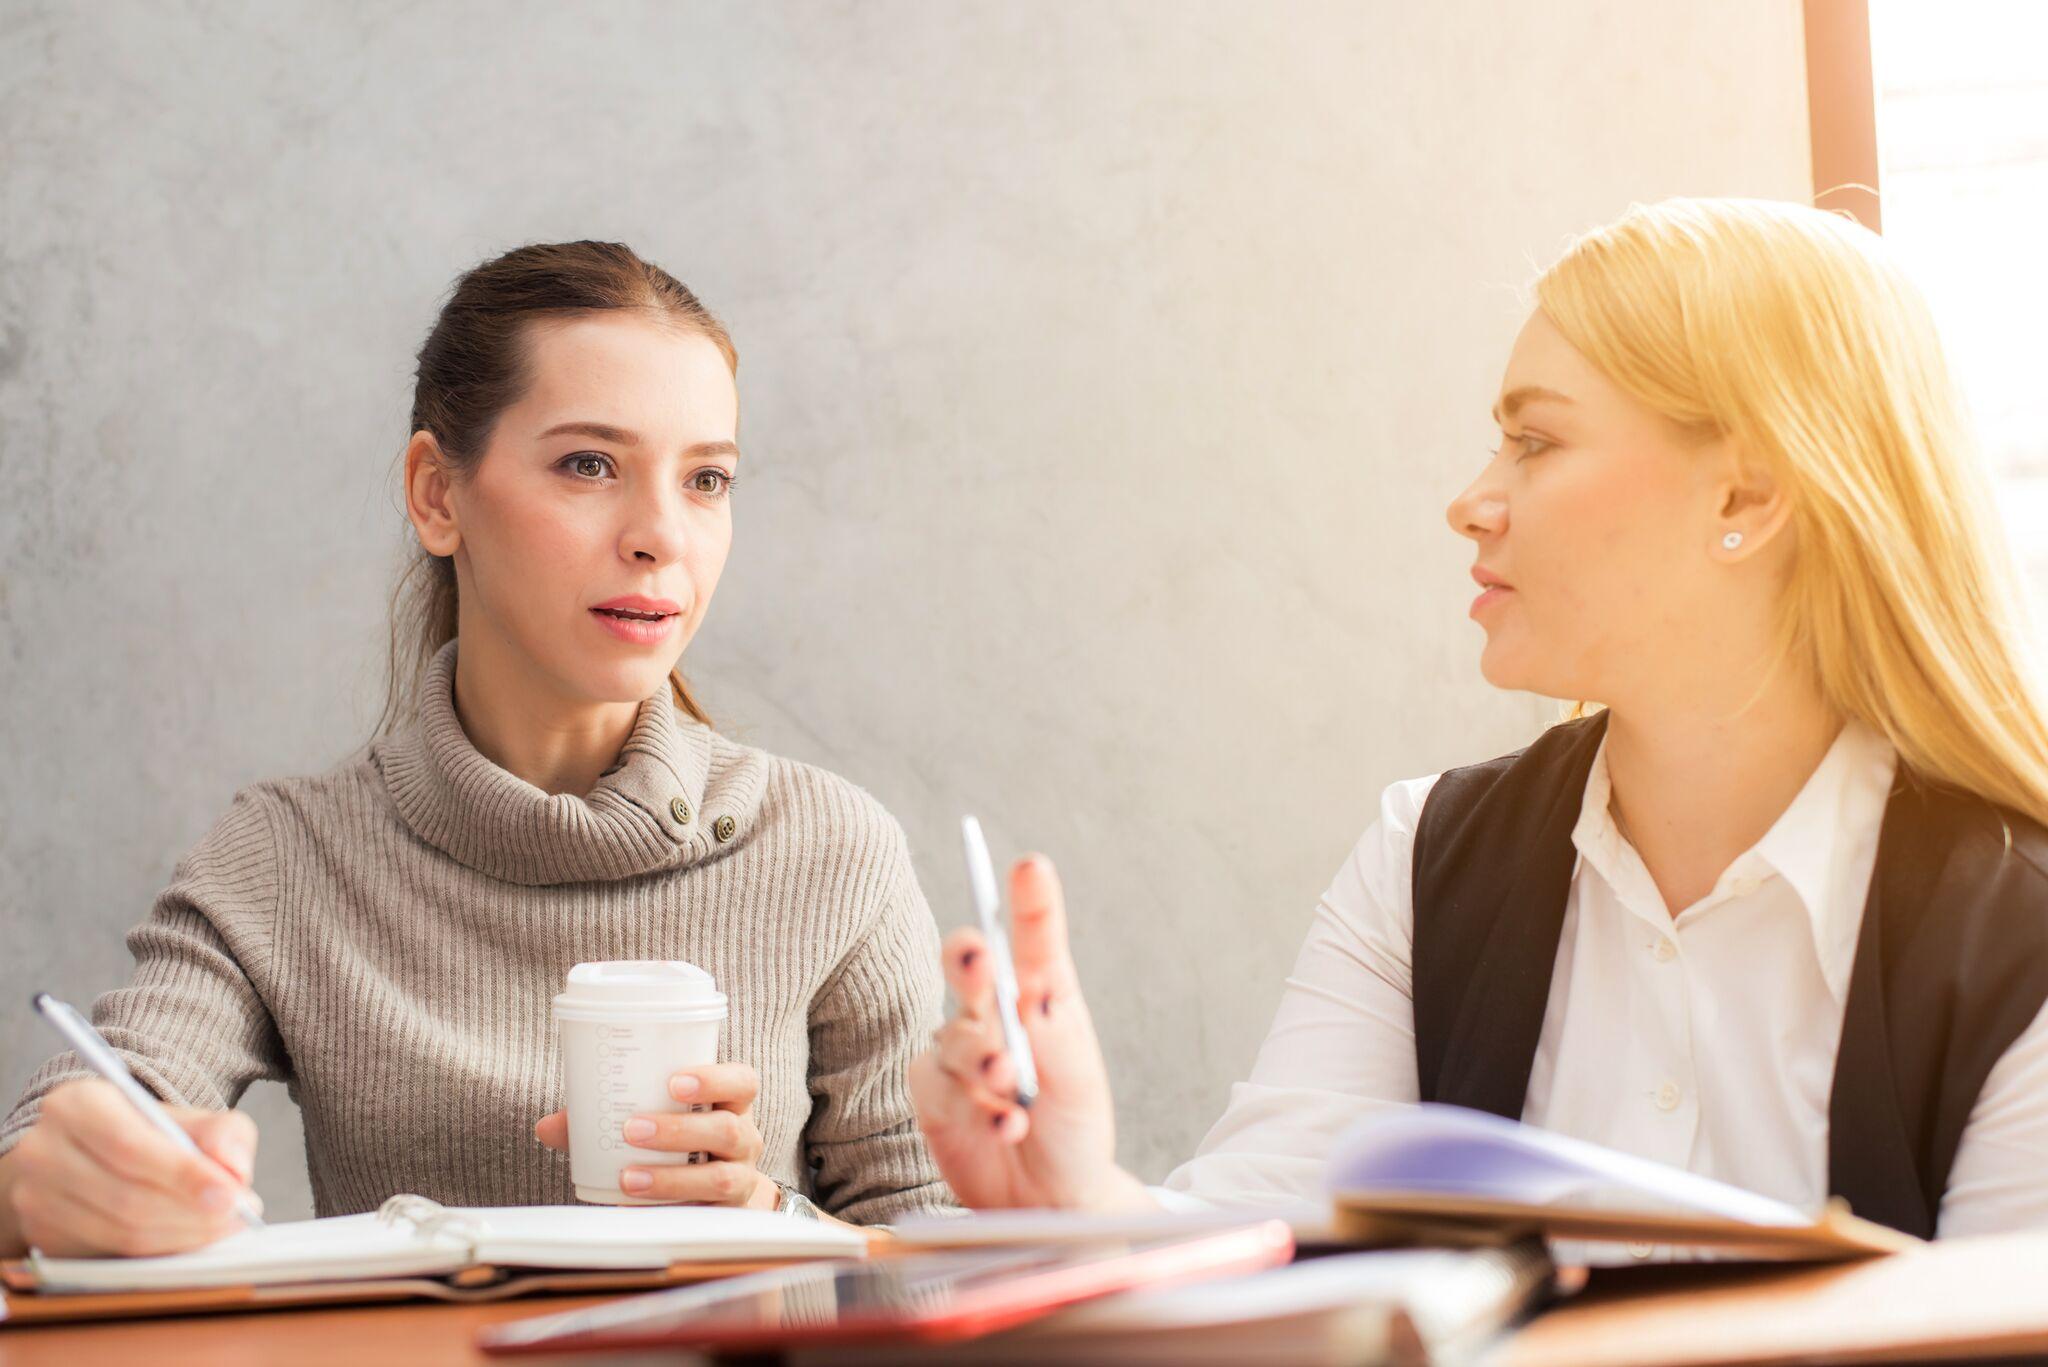 beautiful-businesswomen-career-601170_preview.jpeg